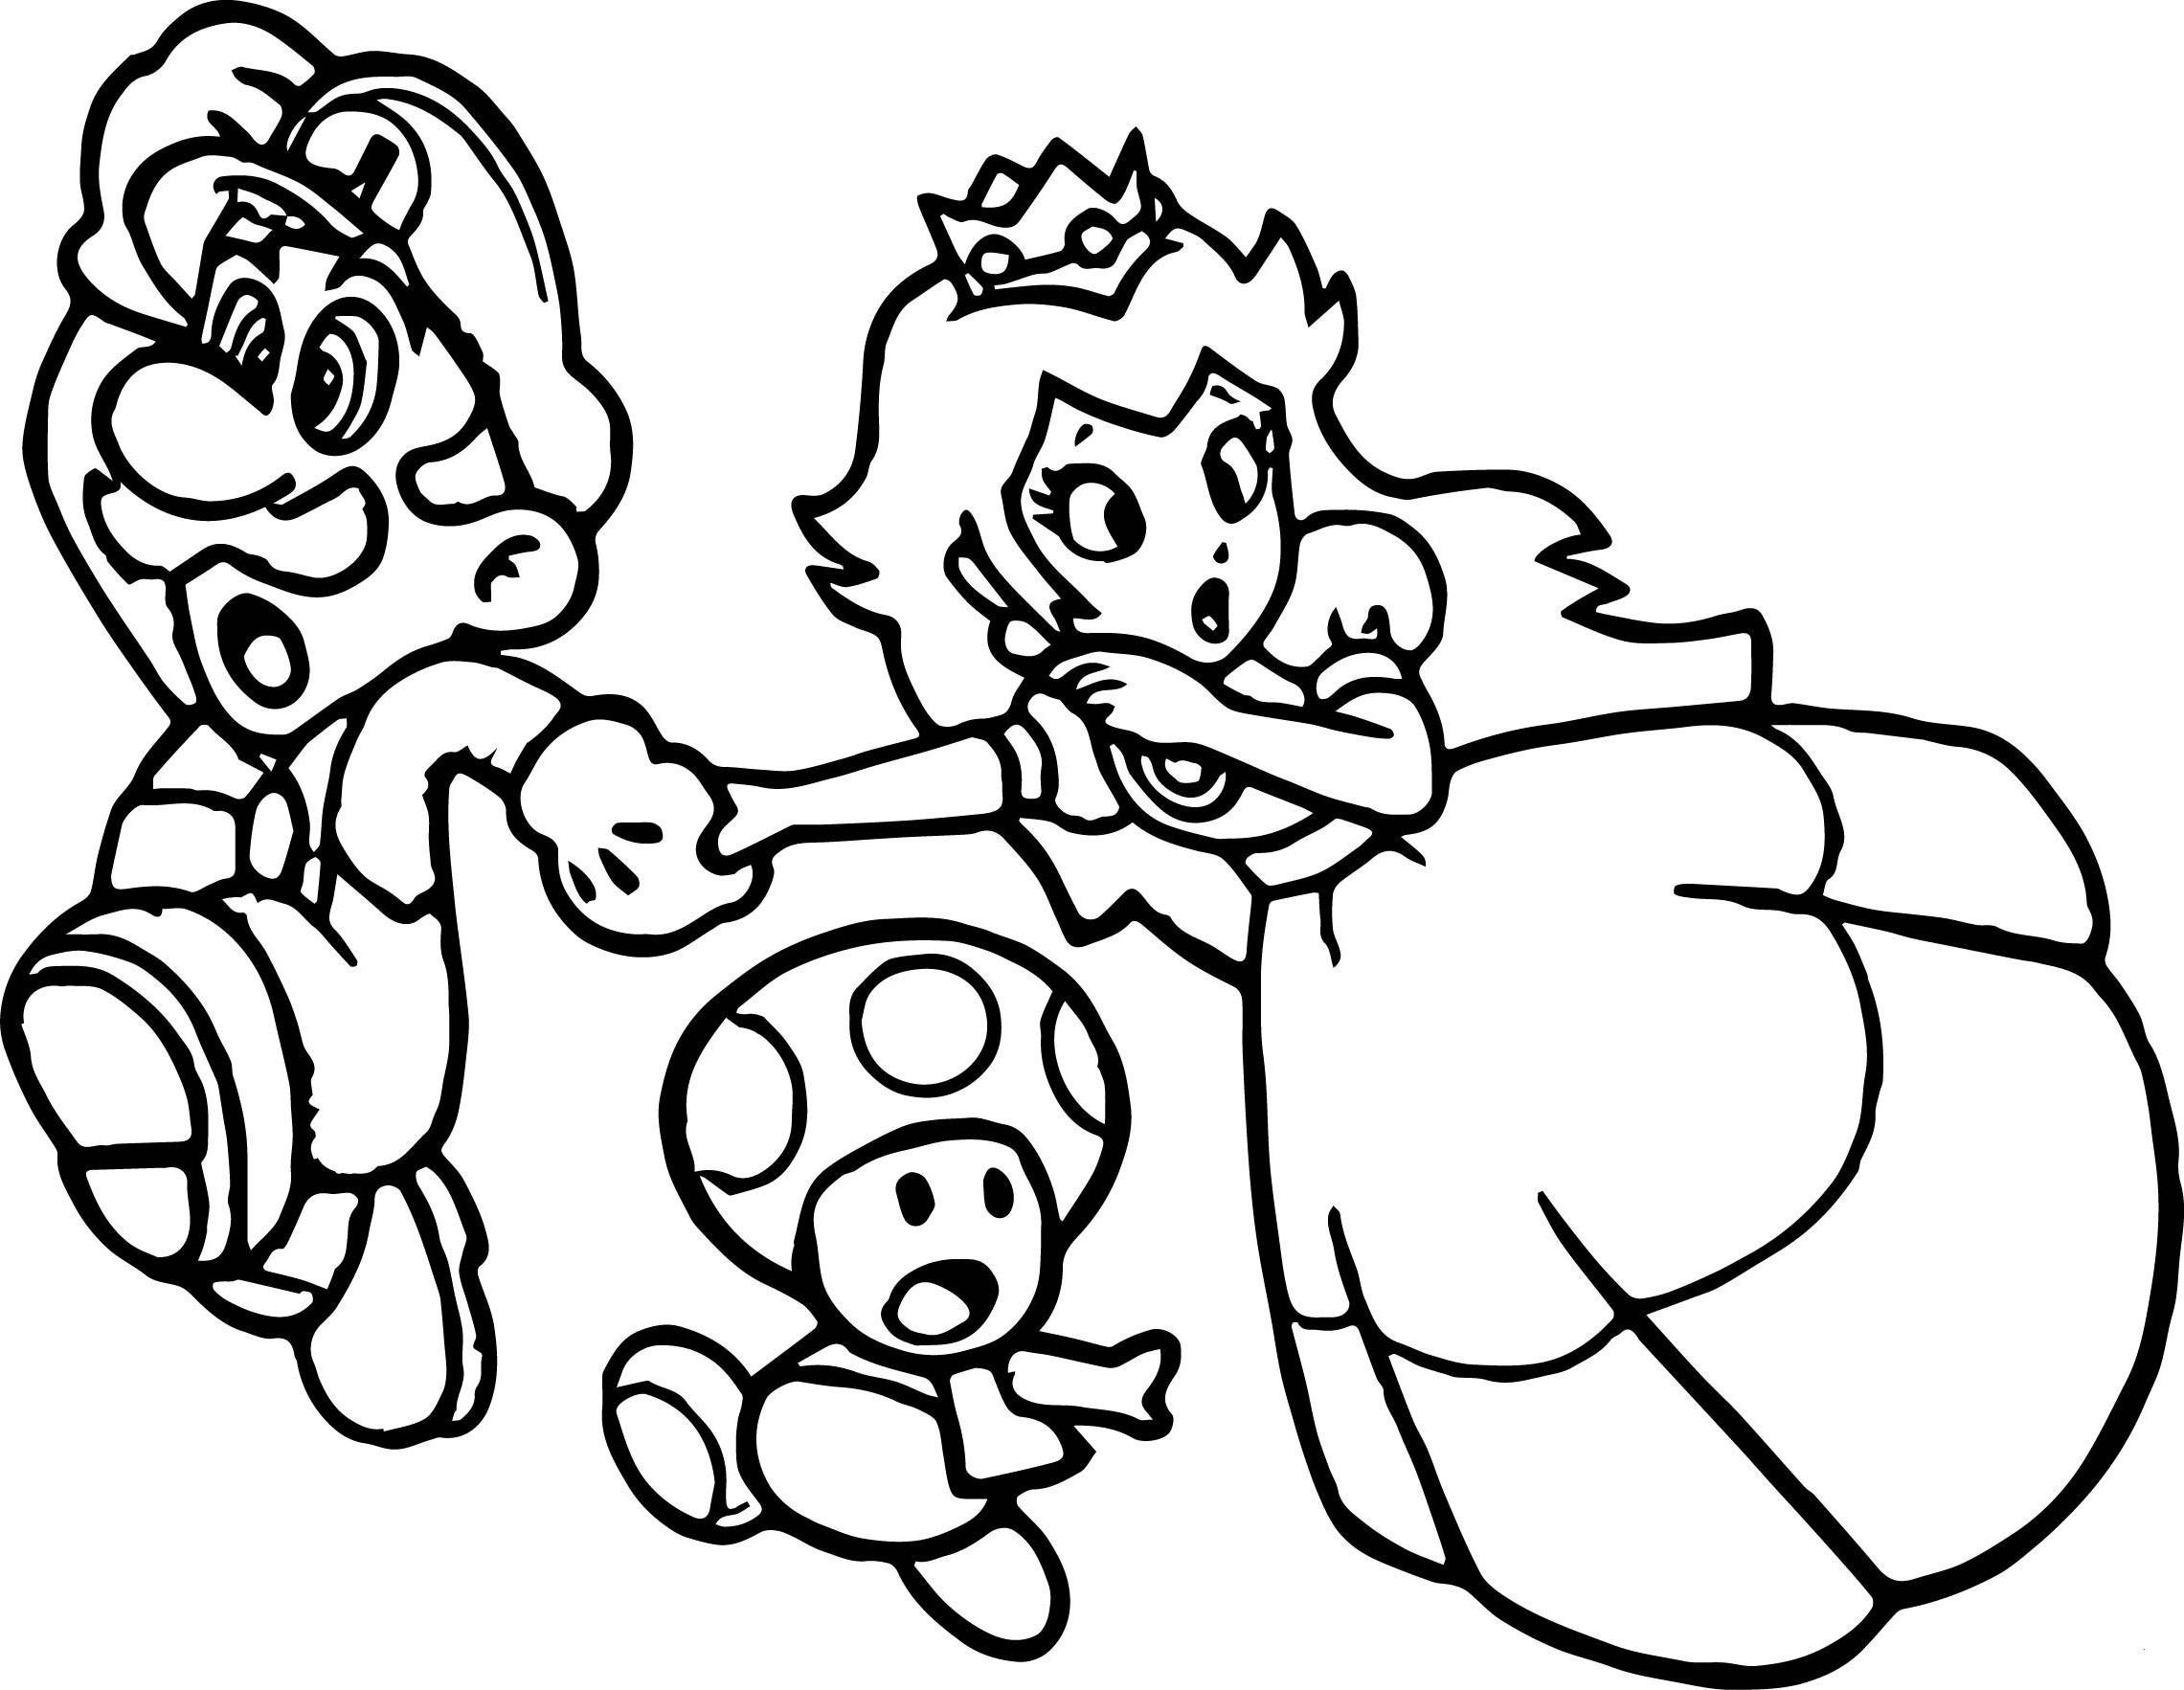 Mario Zum Ausmalen Einzigartig 28 Inspirierend Ausmalbild Super Mario – Malvorlagen Ideen Bilder